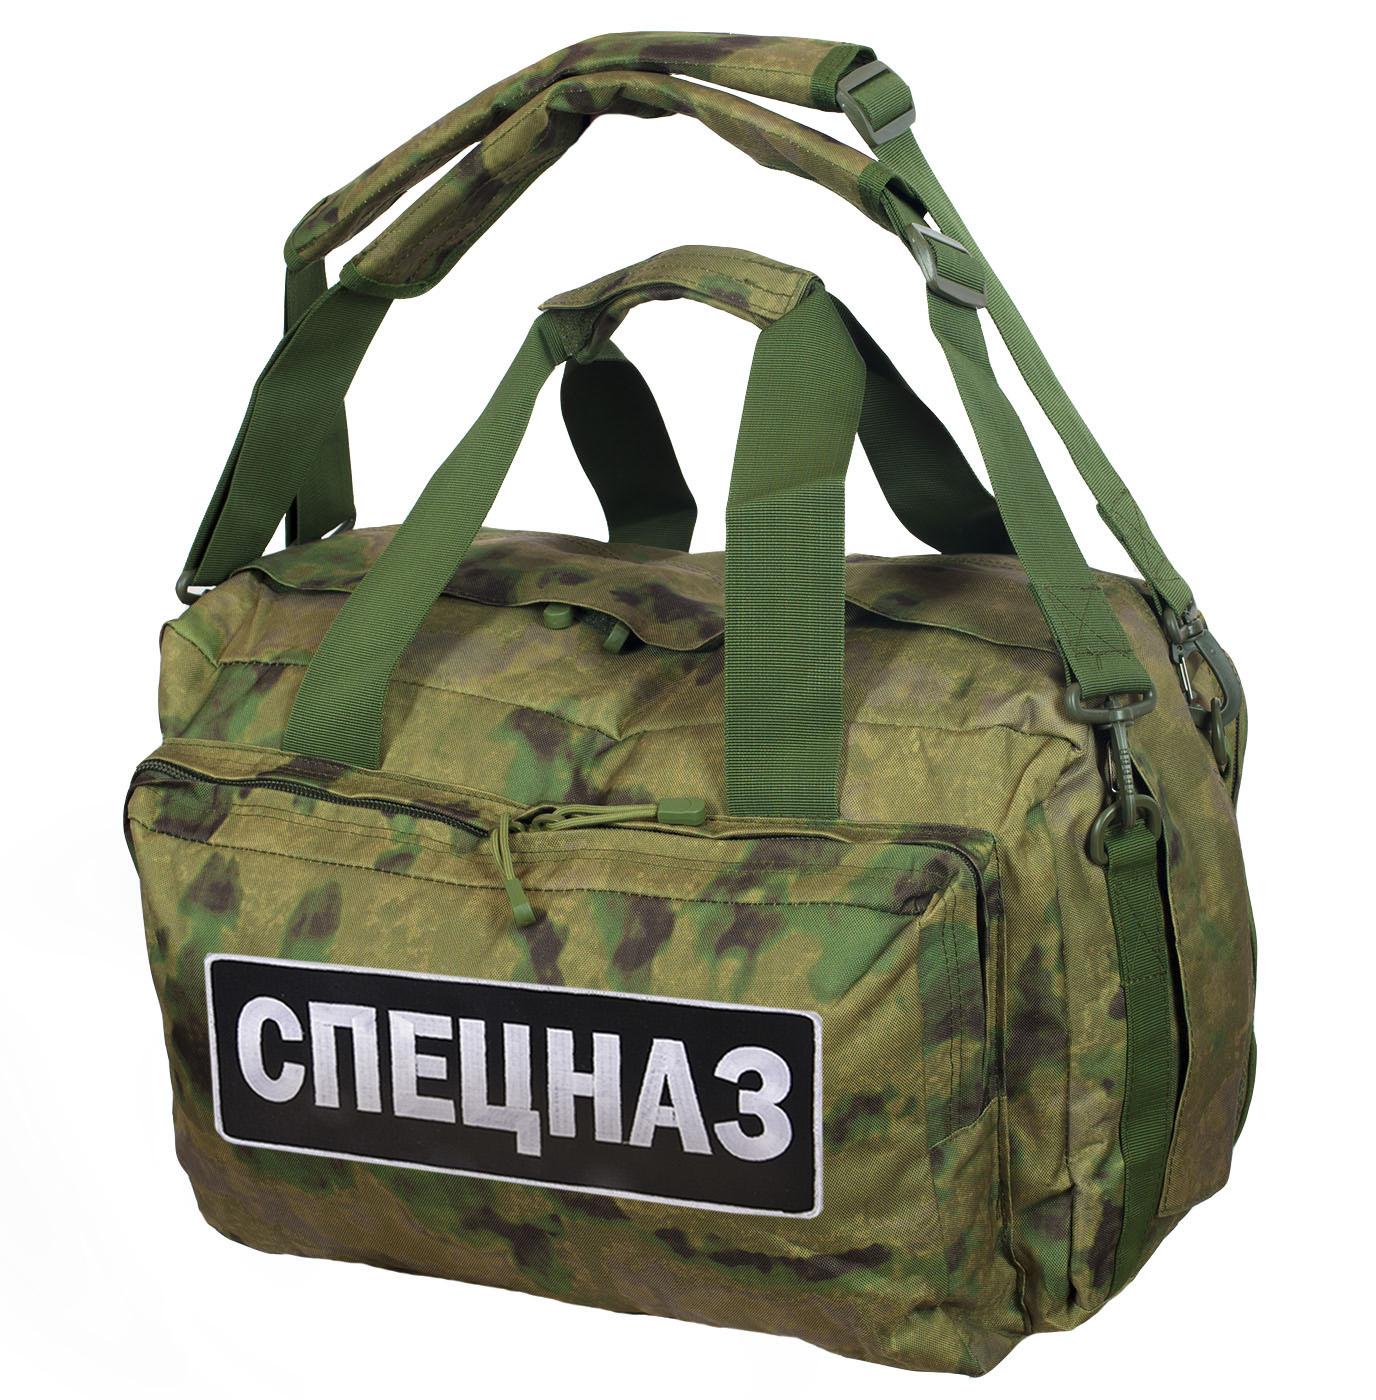 Купить в Москве с доставкой снаряжение Спецназа